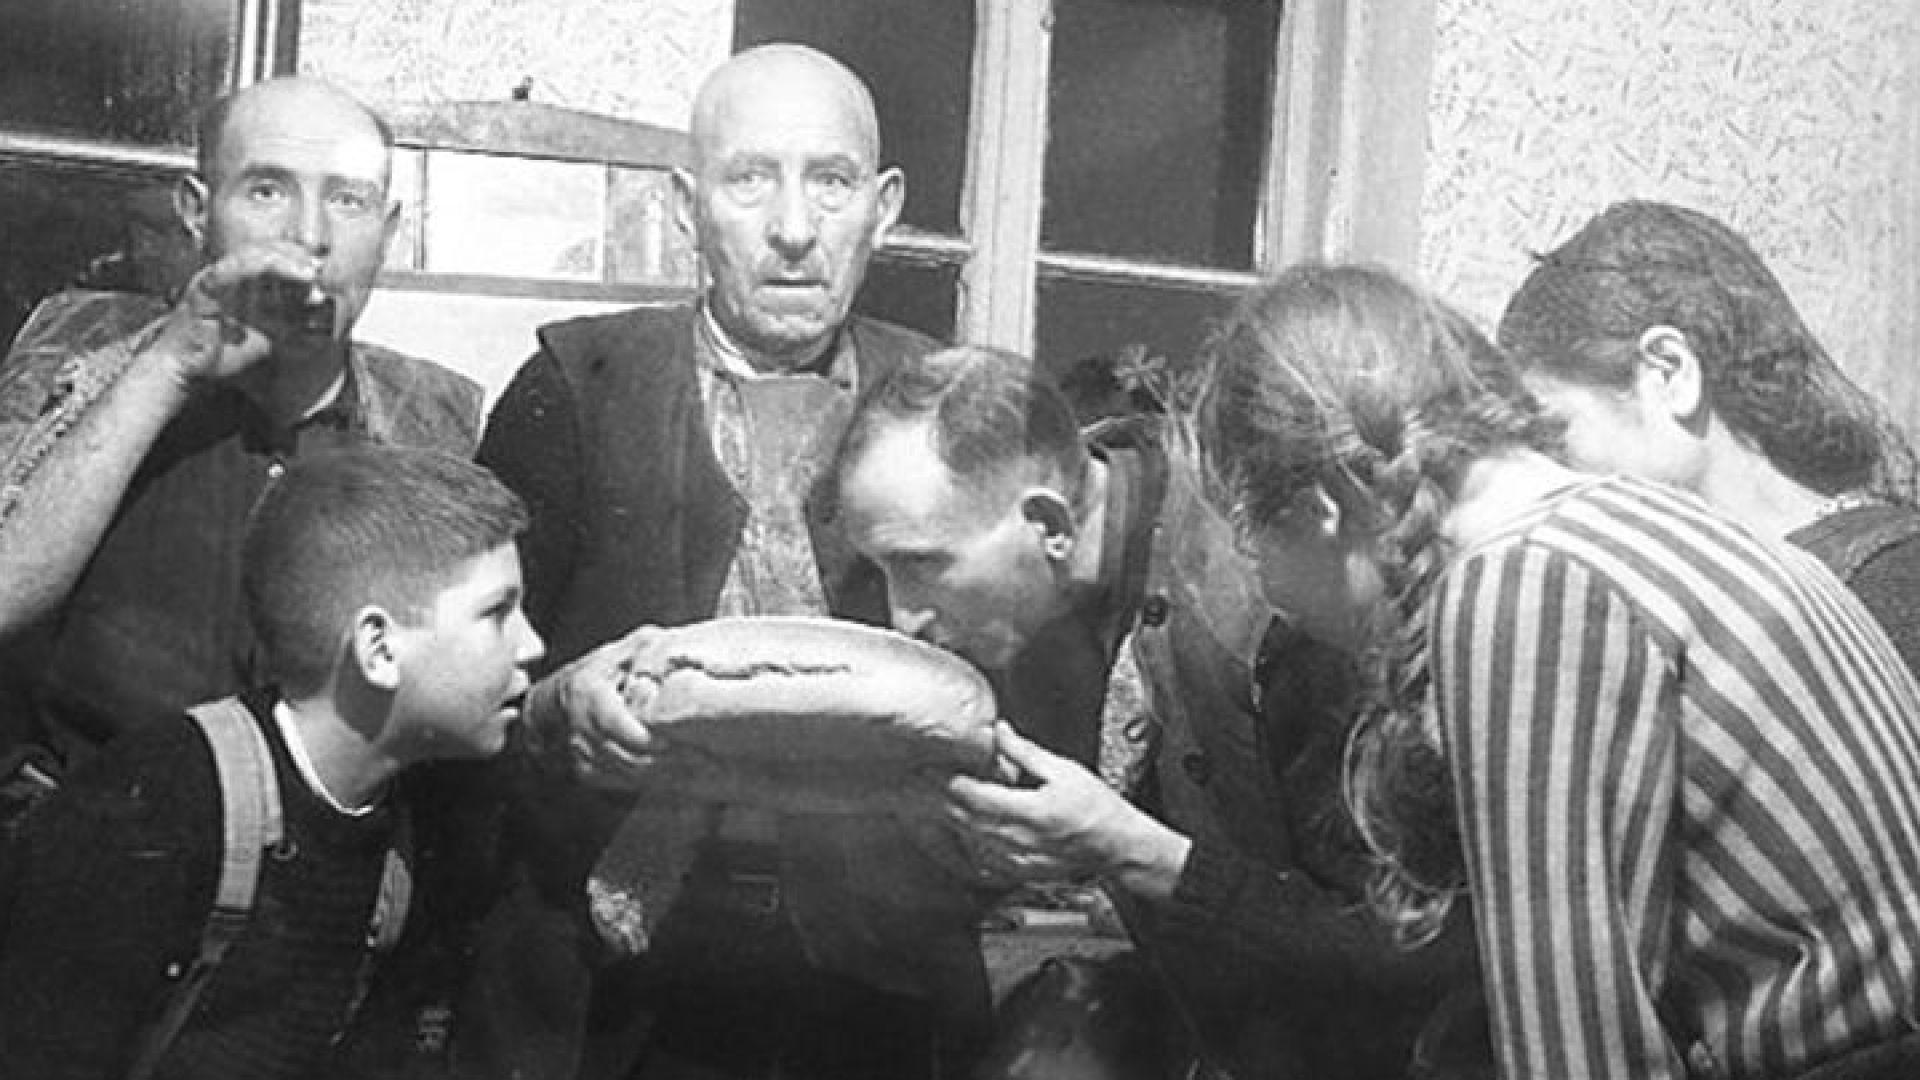 Денят преди най-големия и тържествен зимен празник Коледа българите наричат